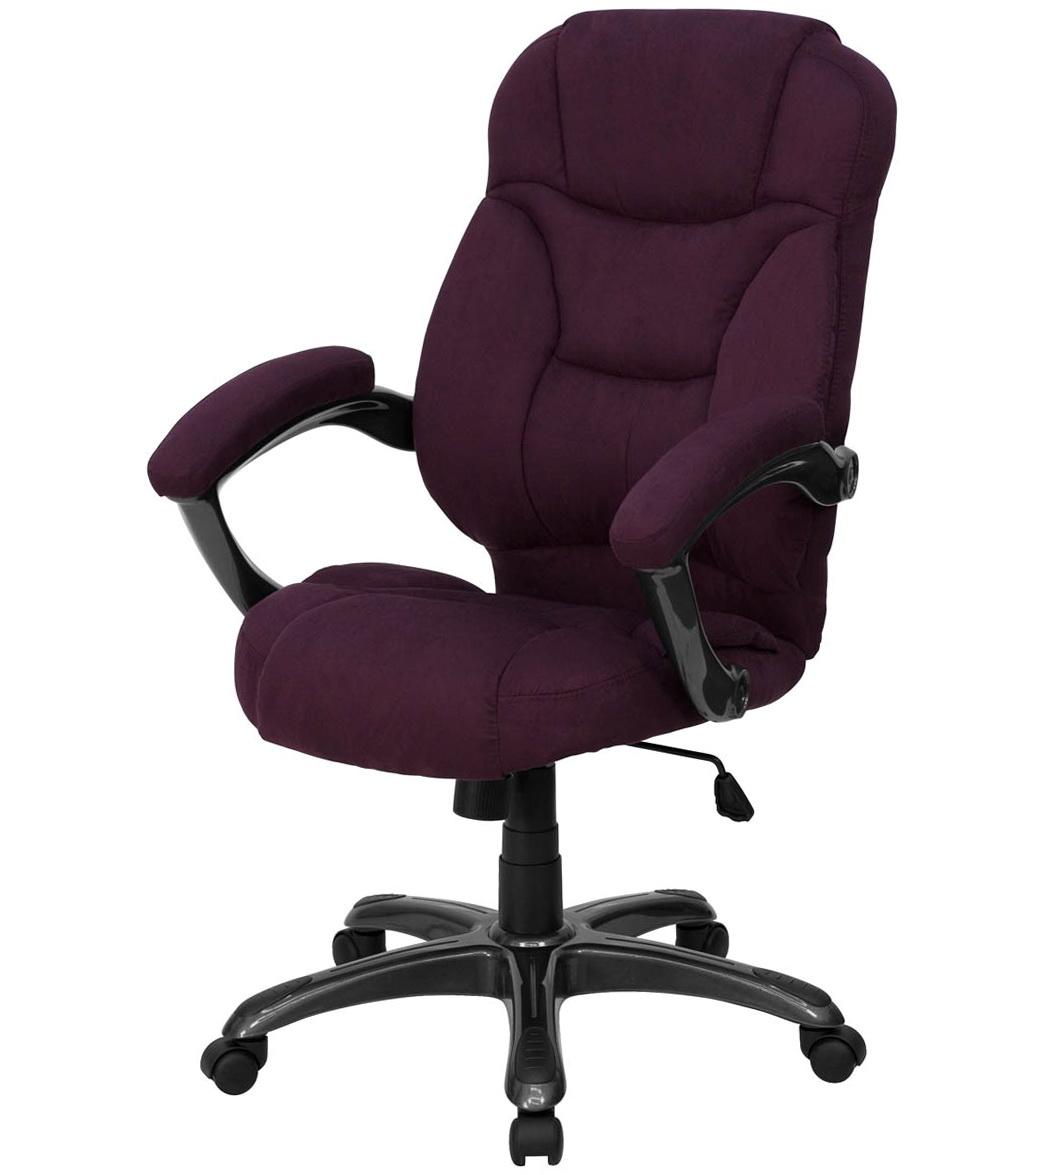 Office Chair Cushions Walmart